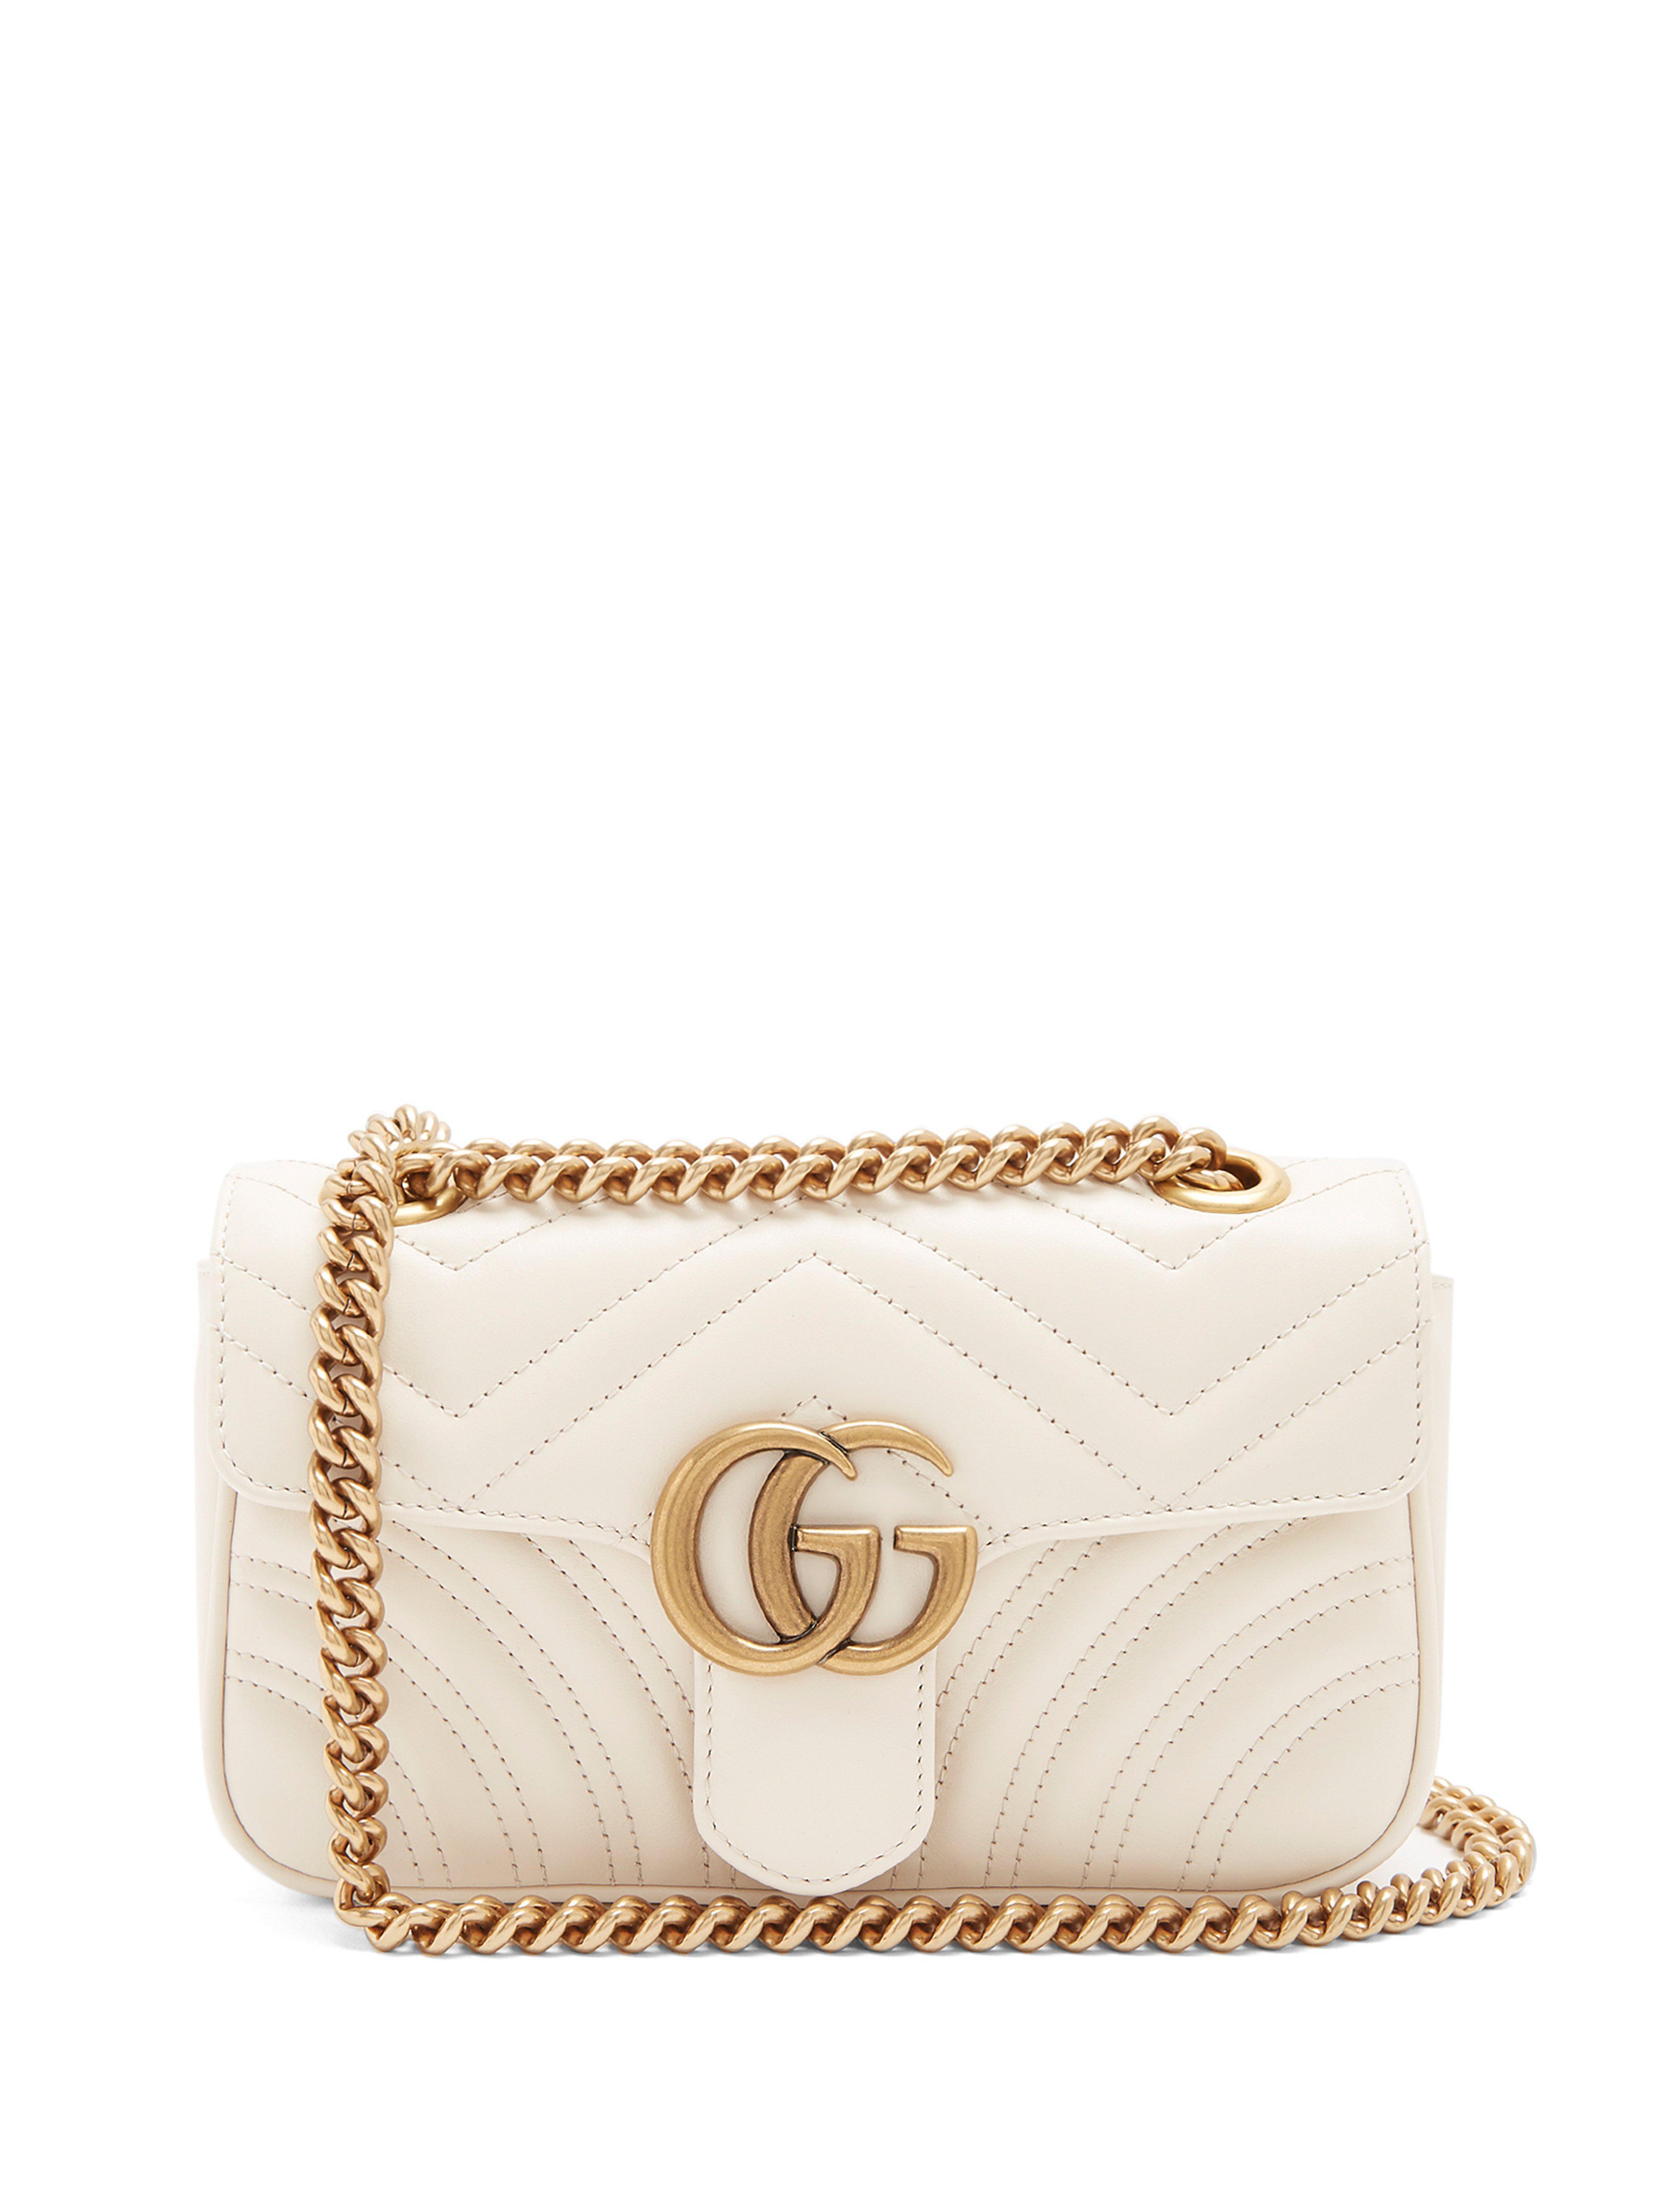 Gucci. Sac bandoulière en cuir matelassé GG Marmont mini femme de coloris  blanc cde67104543